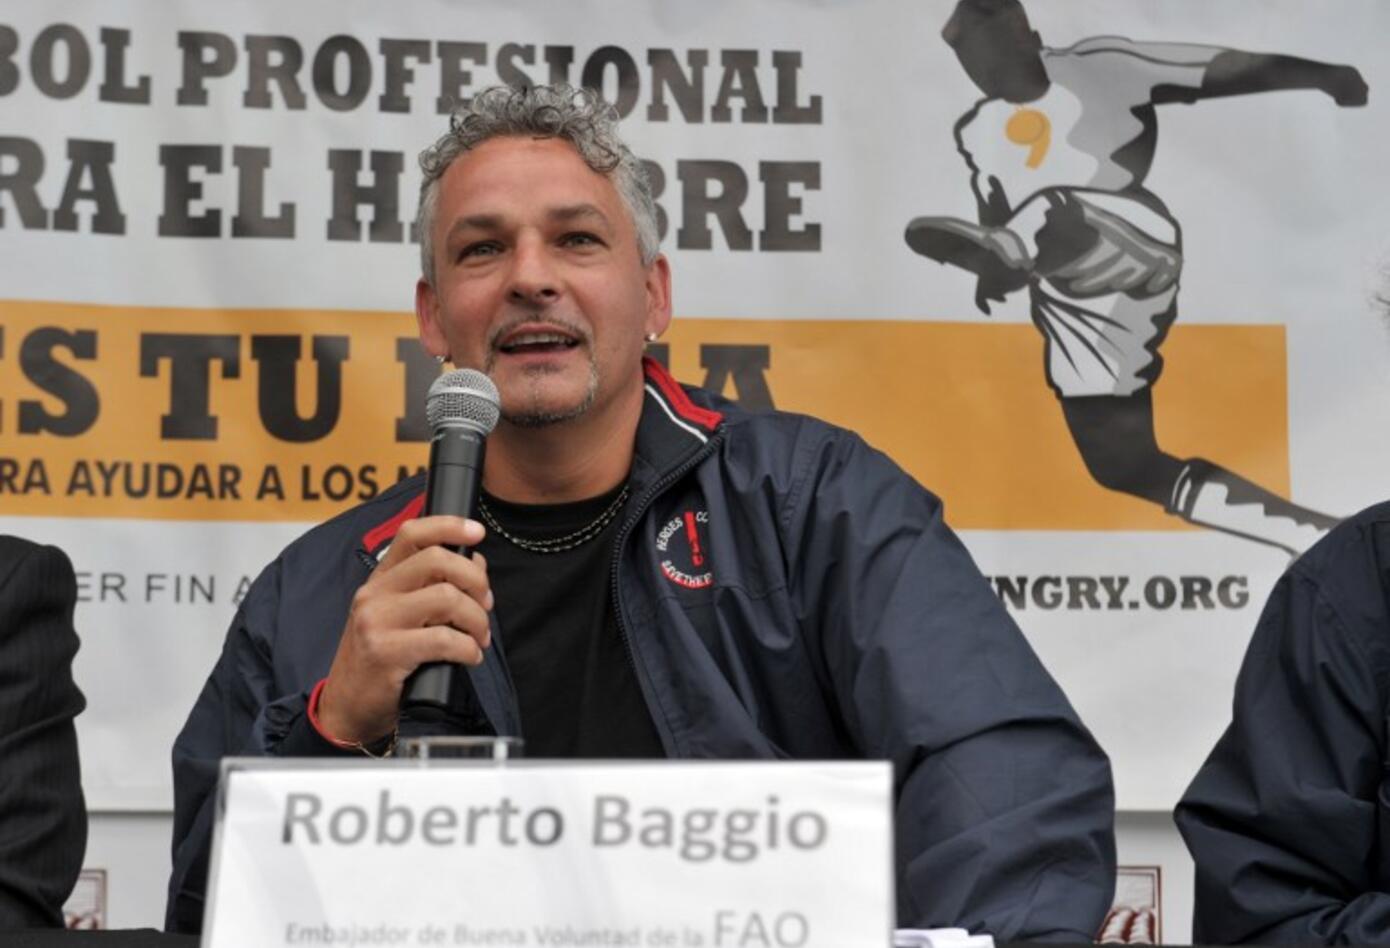 Roberto Baggio es un exfutbolista italiano que jugaba como delantero. Recordado por haber fallado un penal en la final del Mundial del 1994 ante Brasil.